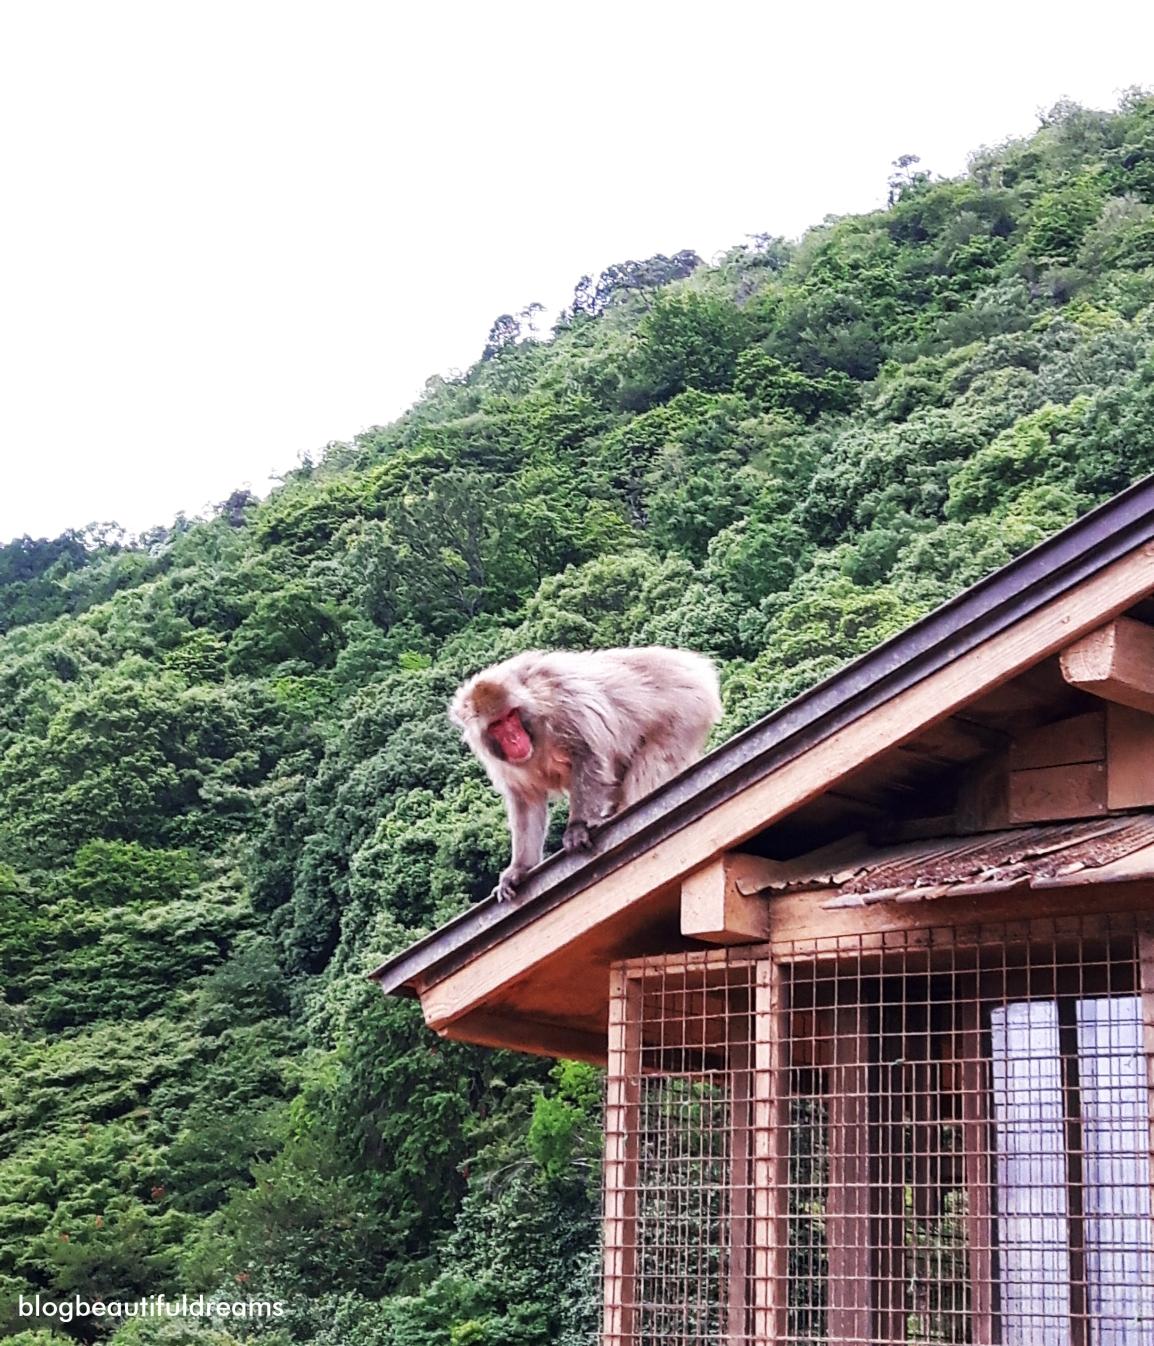 É importante lermos as condições de segurança para visitar-mos estes animais.